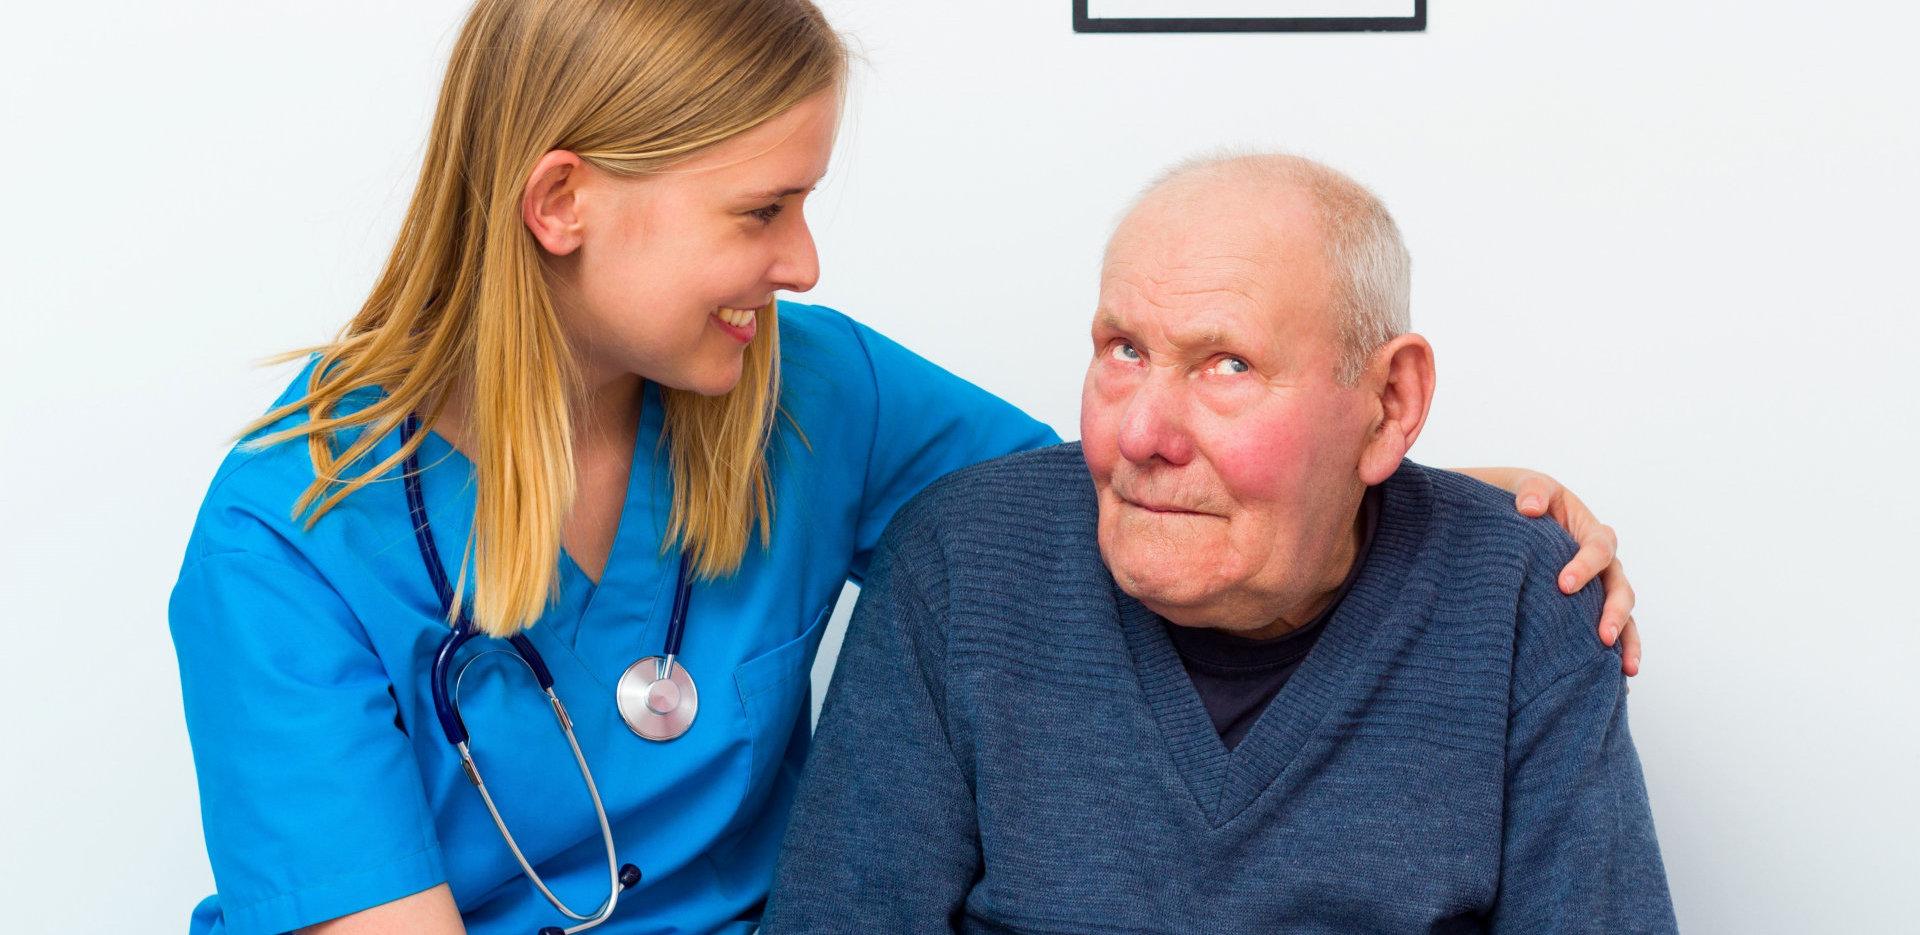 nurse taking care of senior man